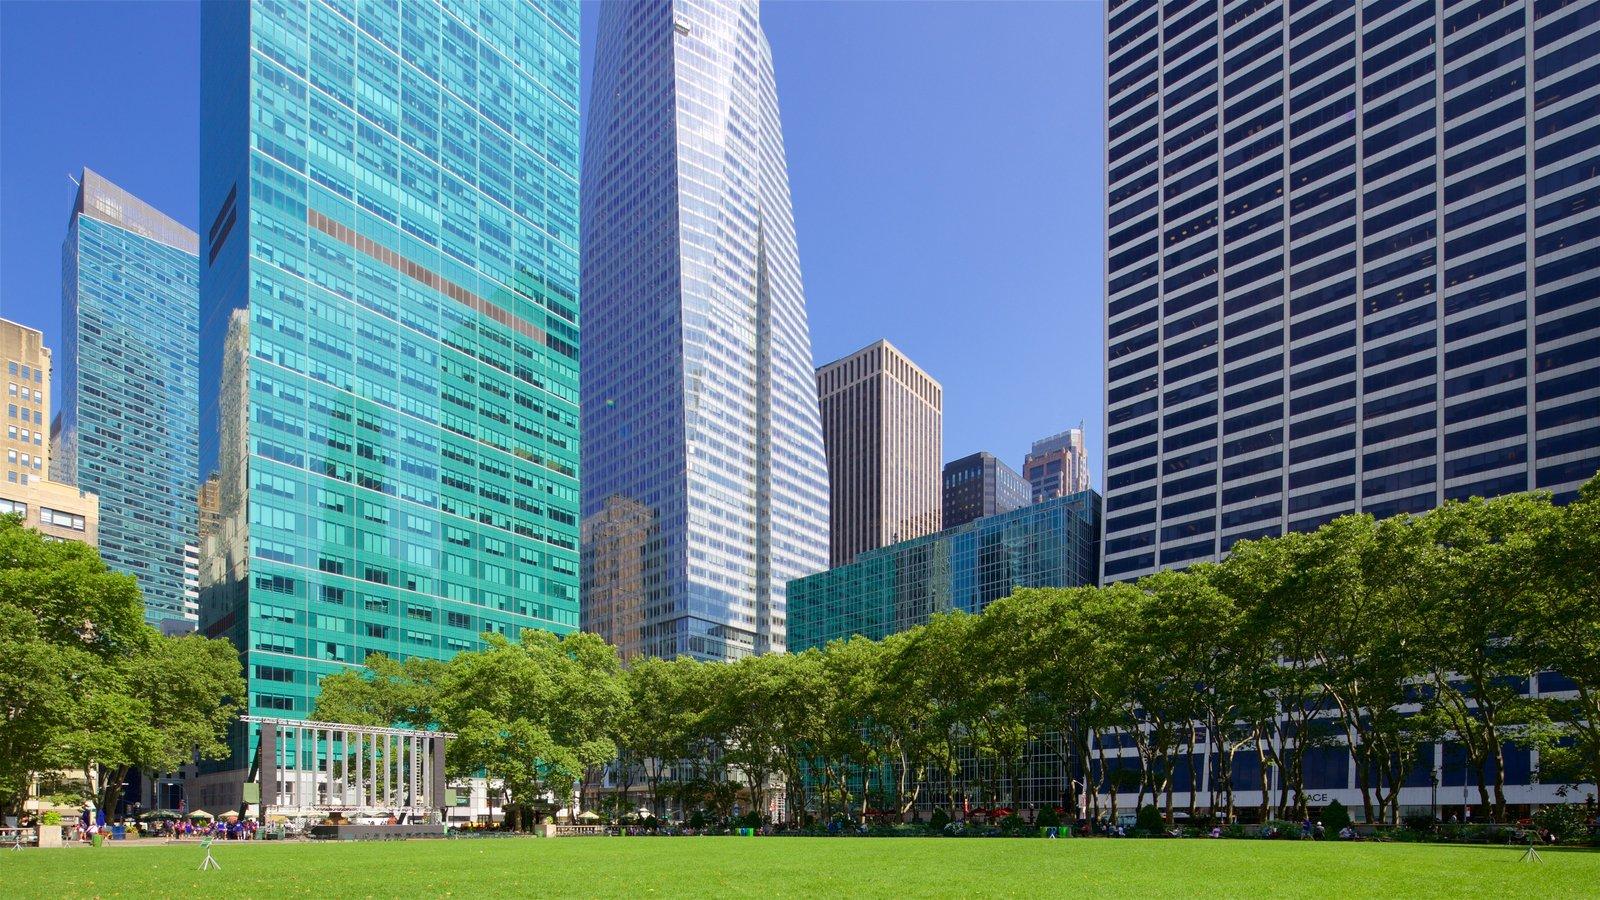 Bryant Park caracterizando uma cidade, um edifício e um jardim